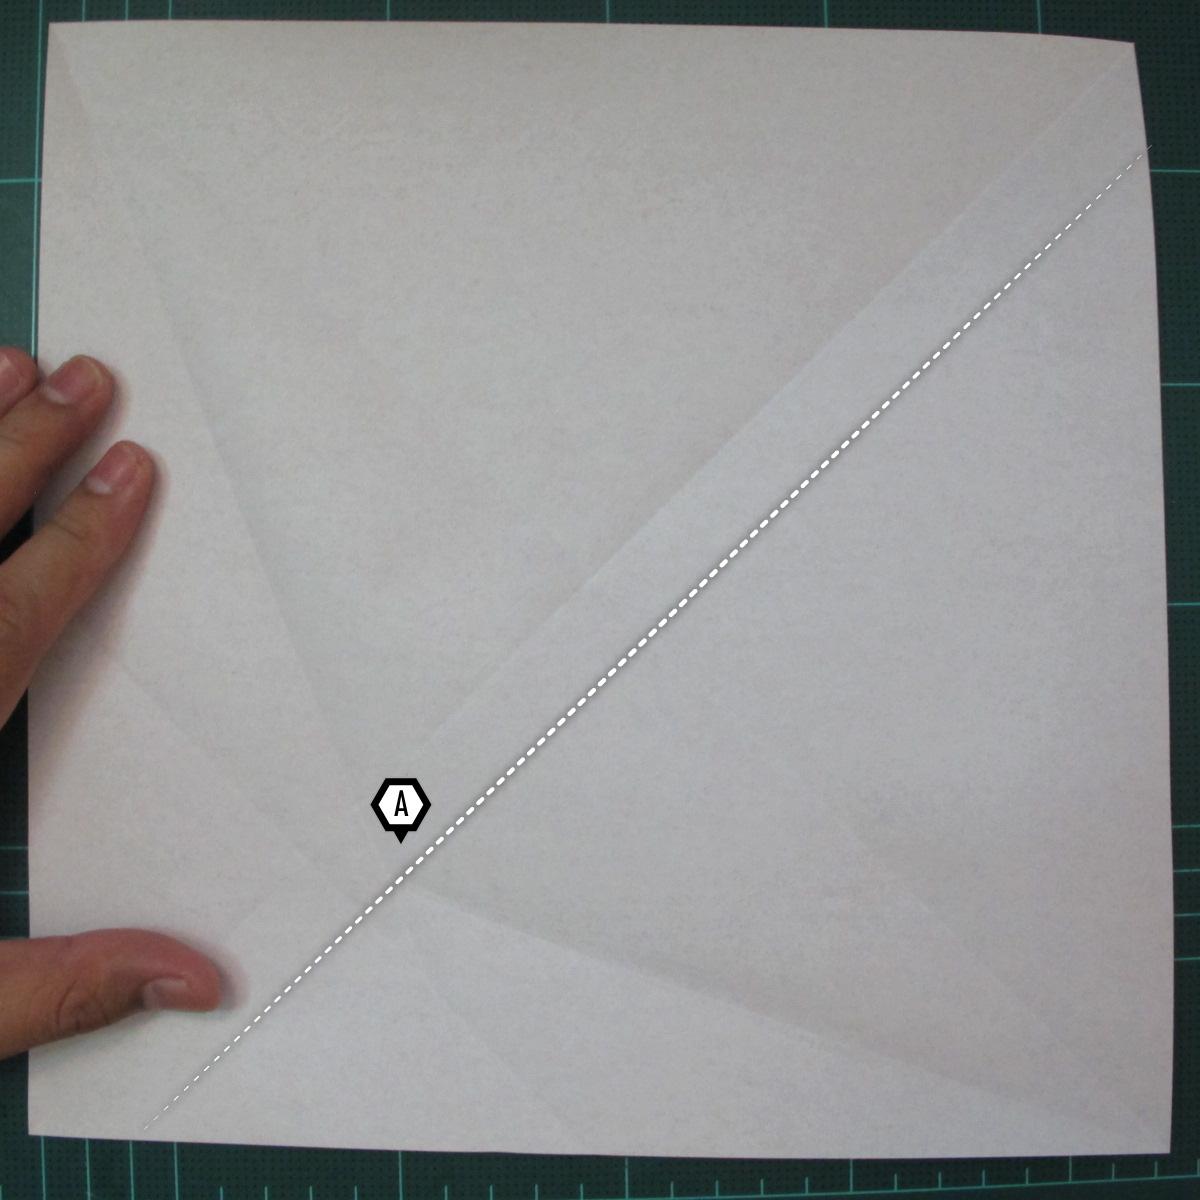 การพับกระดาษเป็นรูปสัตว์ประหลาดก็อตซิล่า (Origami Gozzila) 004